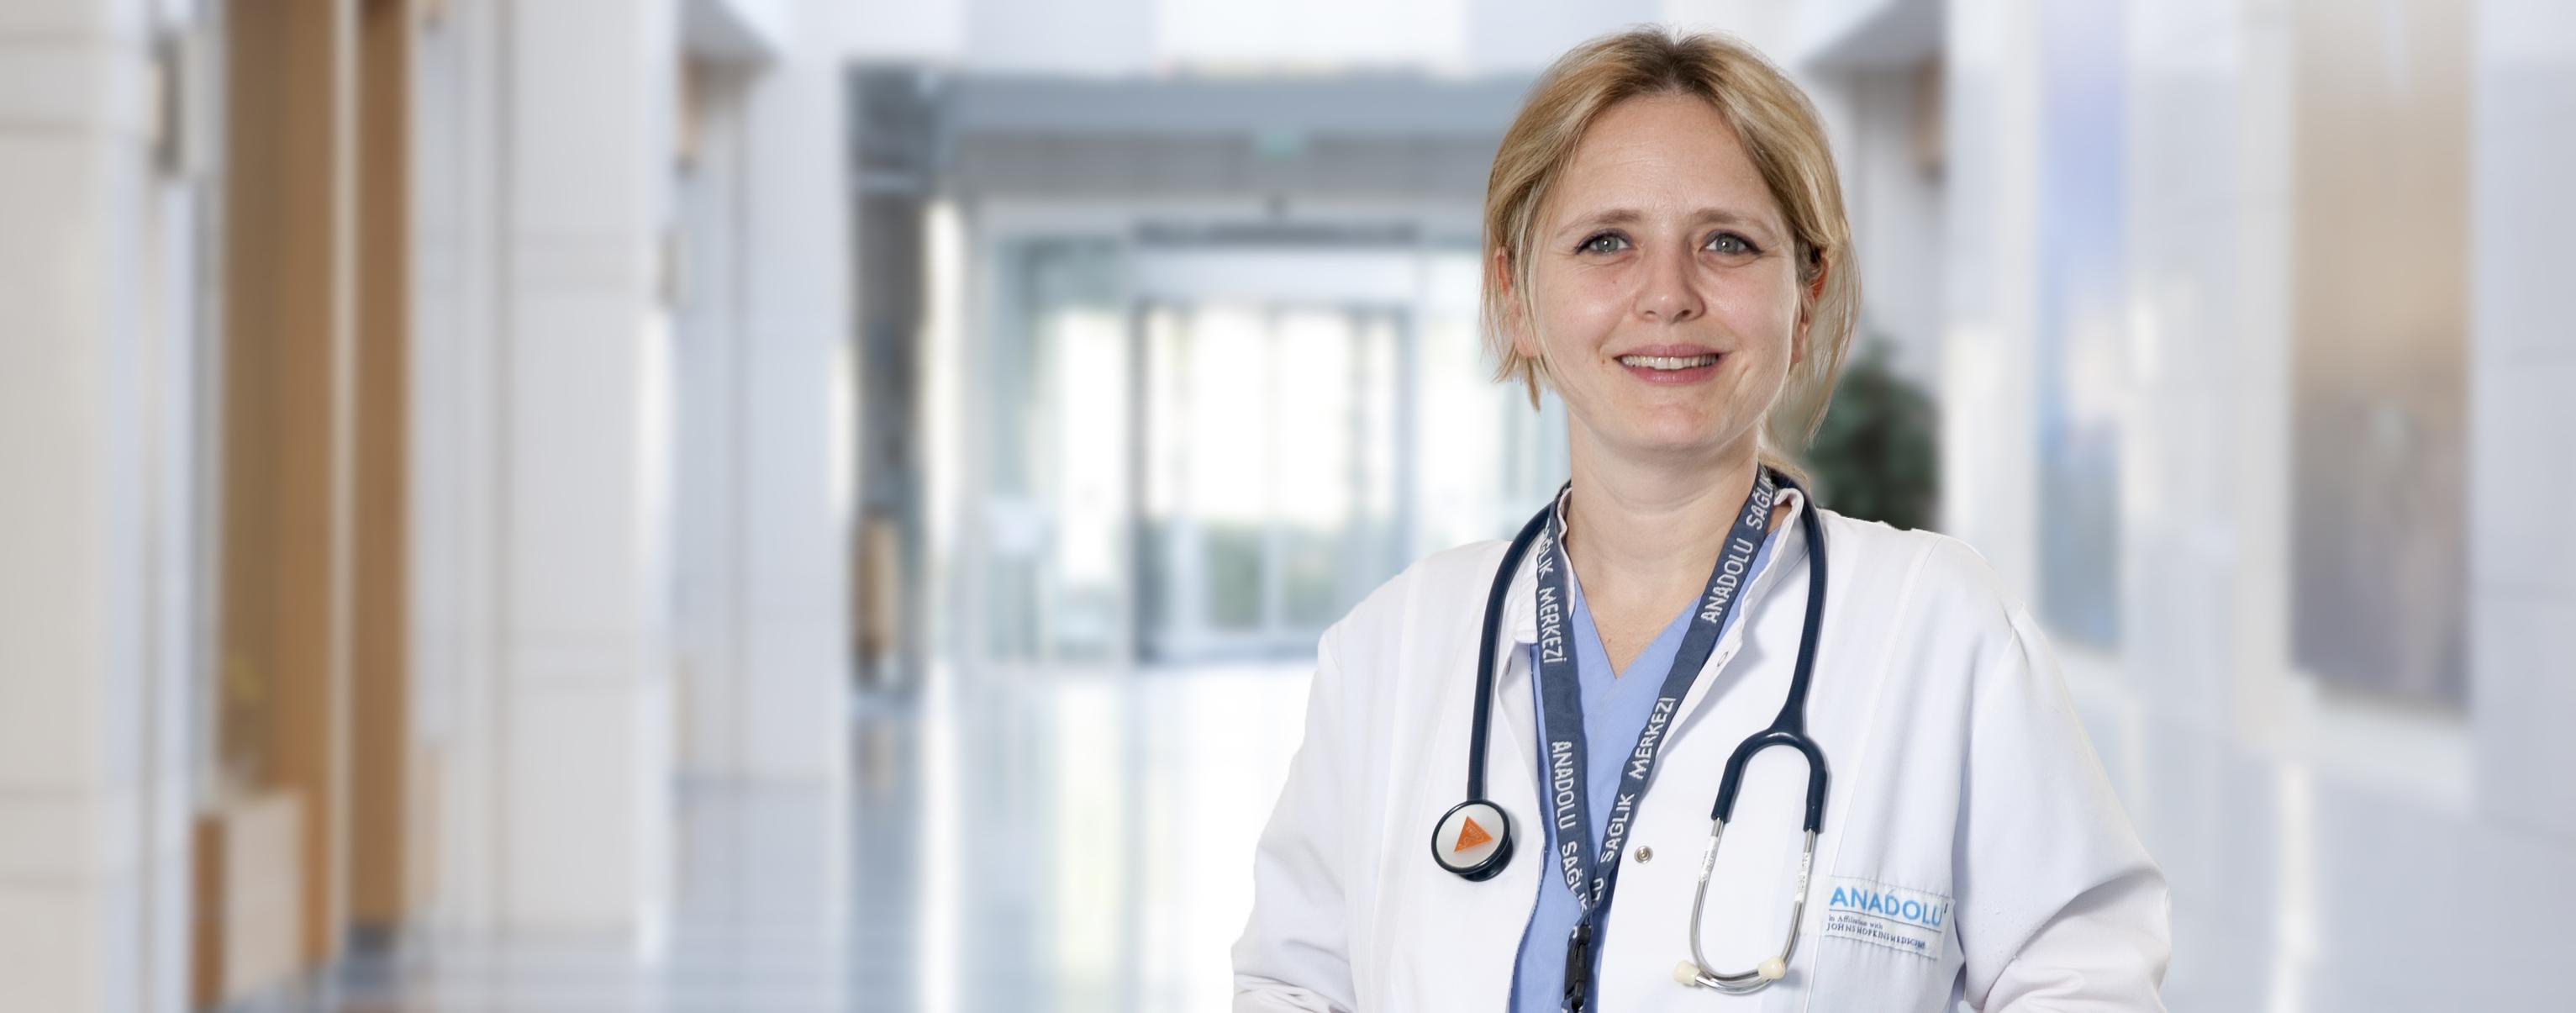 Зейнеп Йилмаз — квалифицированная помощь в медицинском центре Anadolu